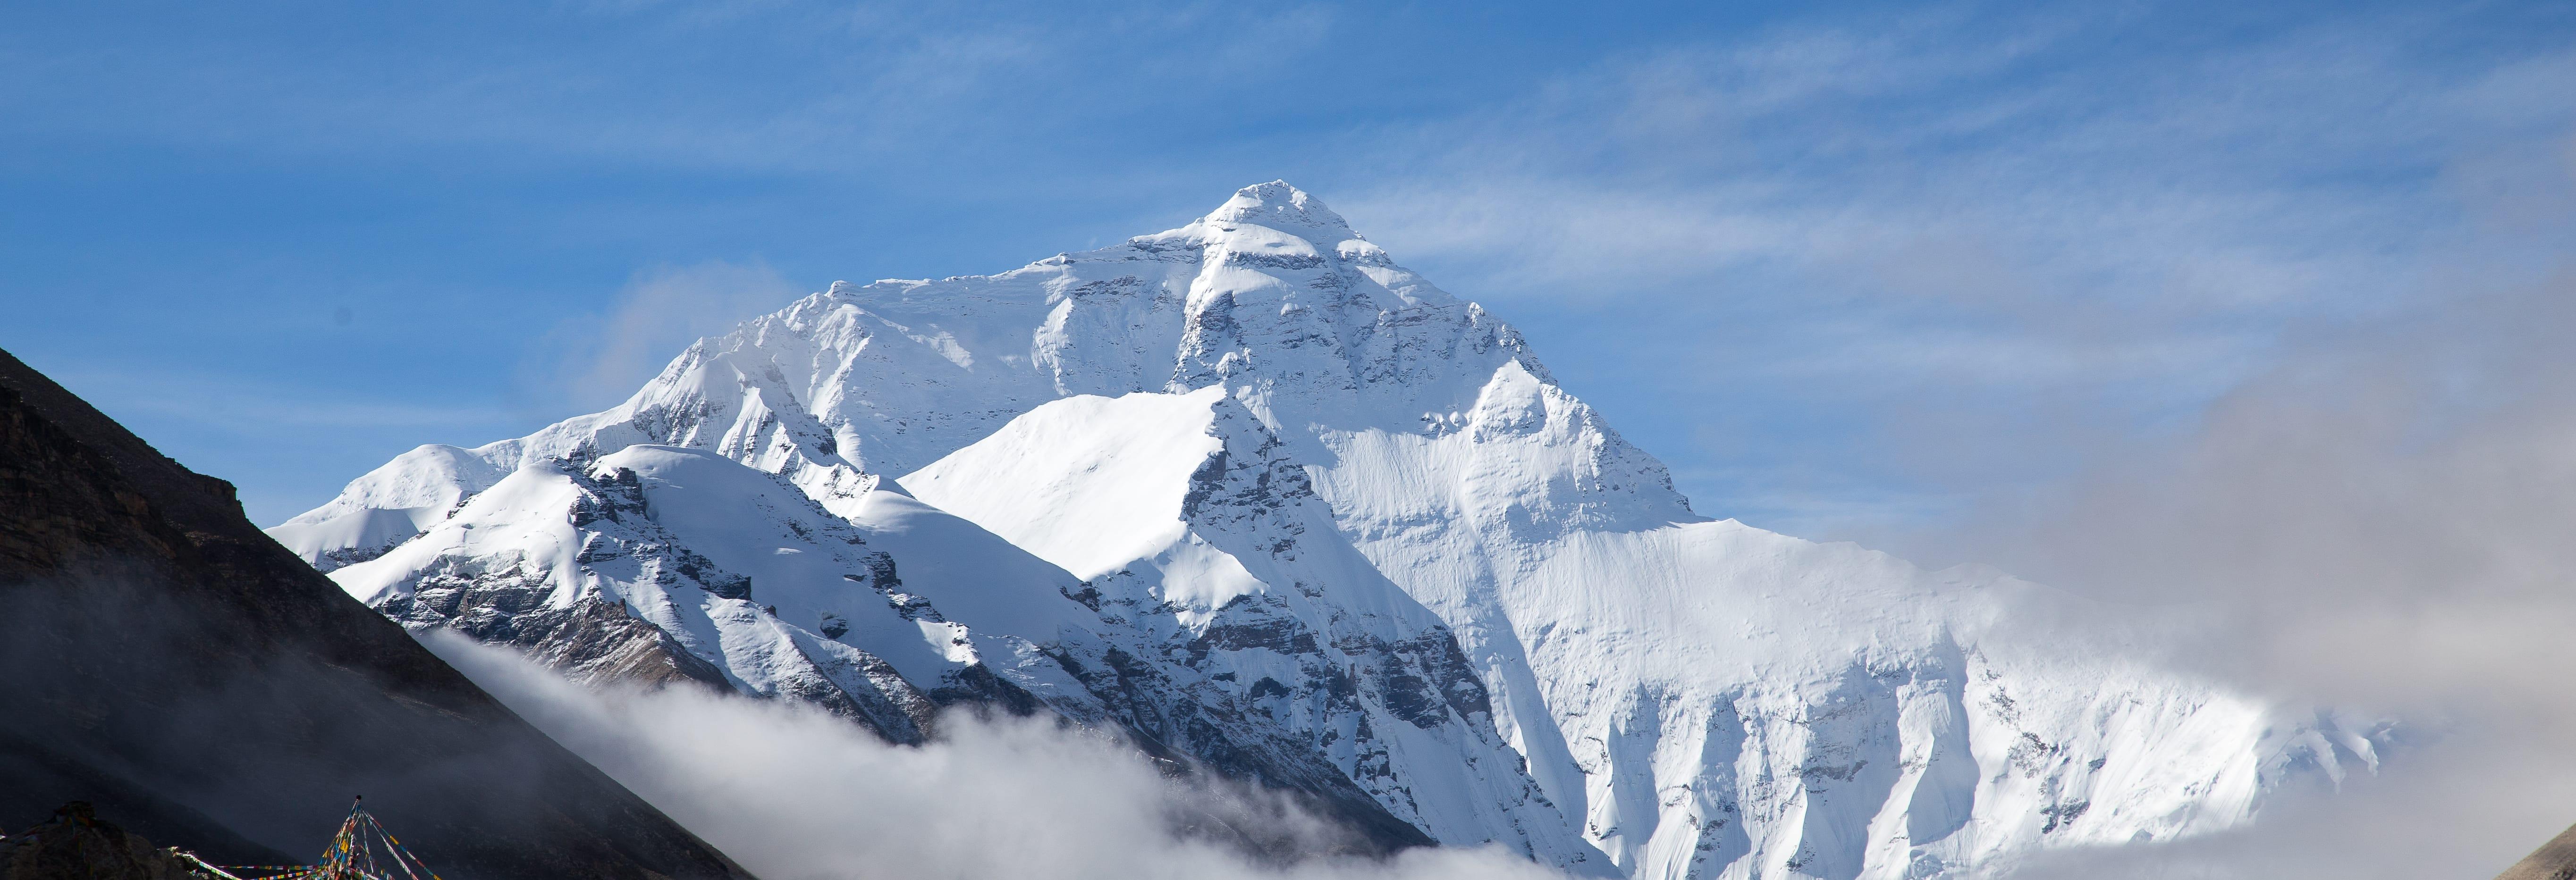 Що відбувається з організмом в «зоні смерті» гори Еверест, де ... | 1865x5457